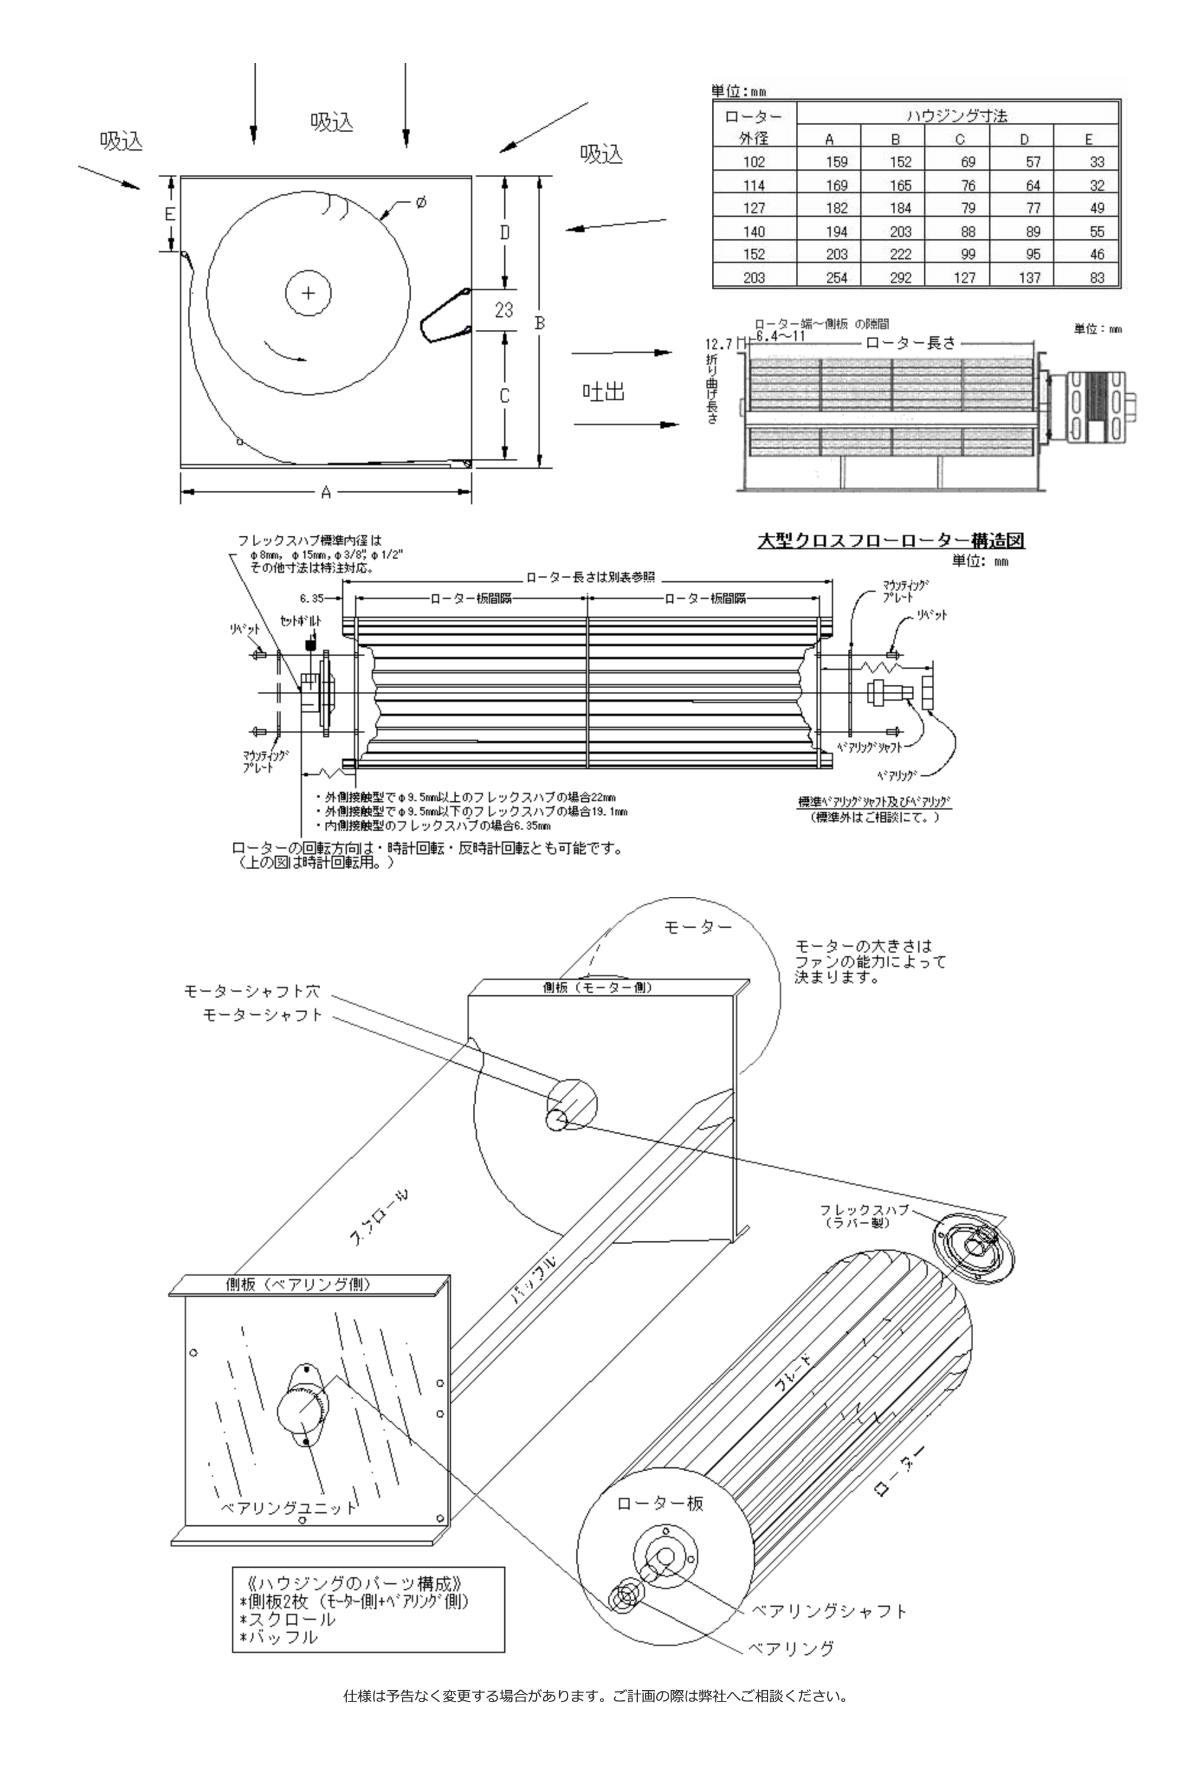 図:大型クロスフローファン 構造図・寸法図